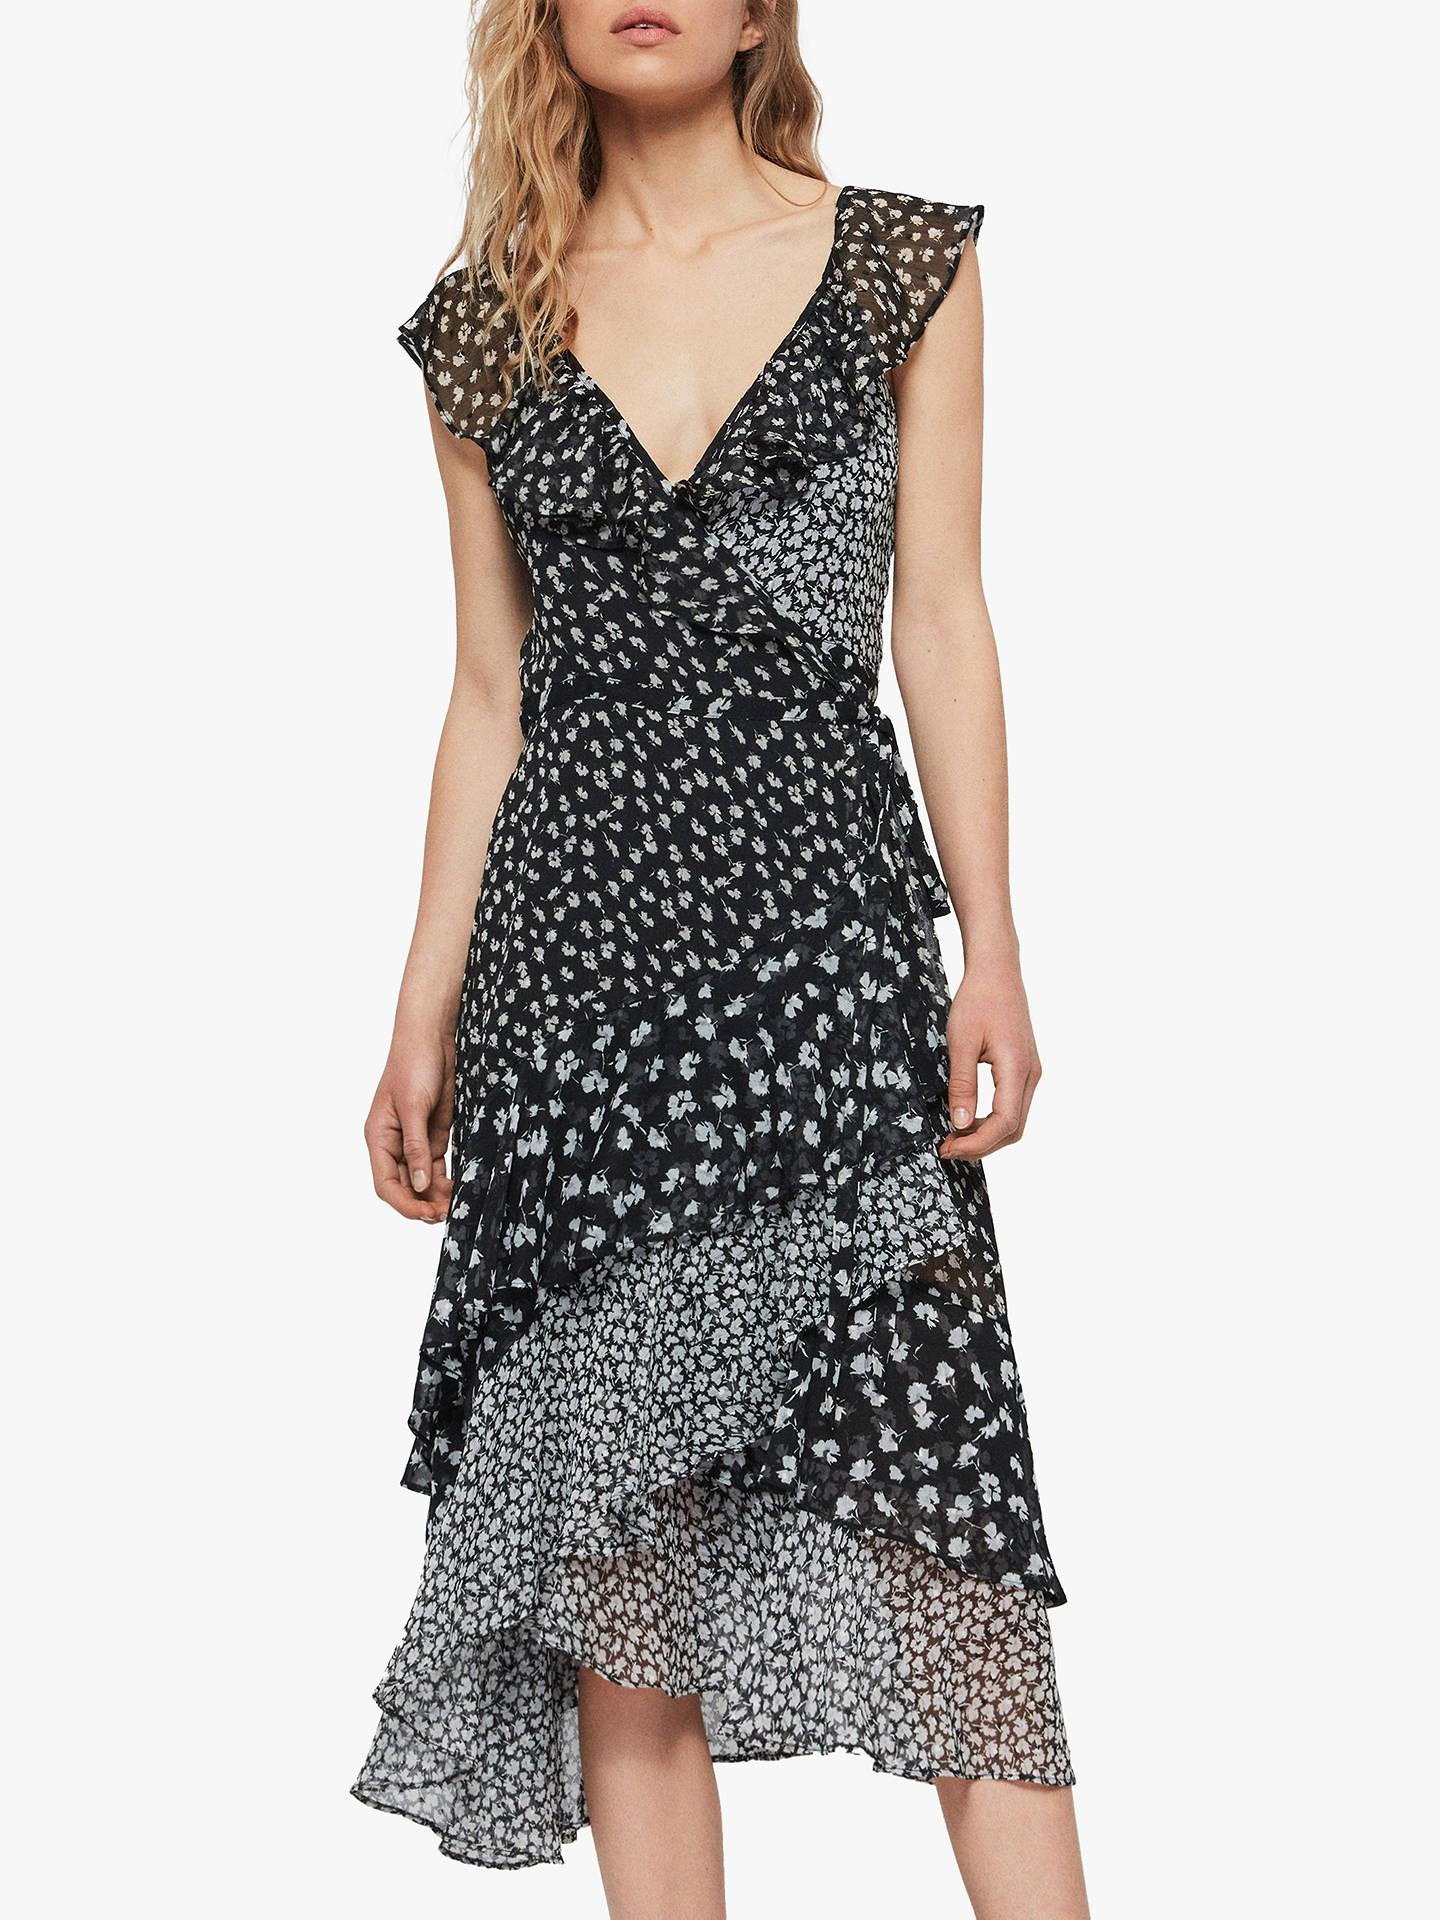 f55235de7dd58 Buy AllSaints Kari Scatter Floral Dress, Black, XS Online at johnlewis.com  ...